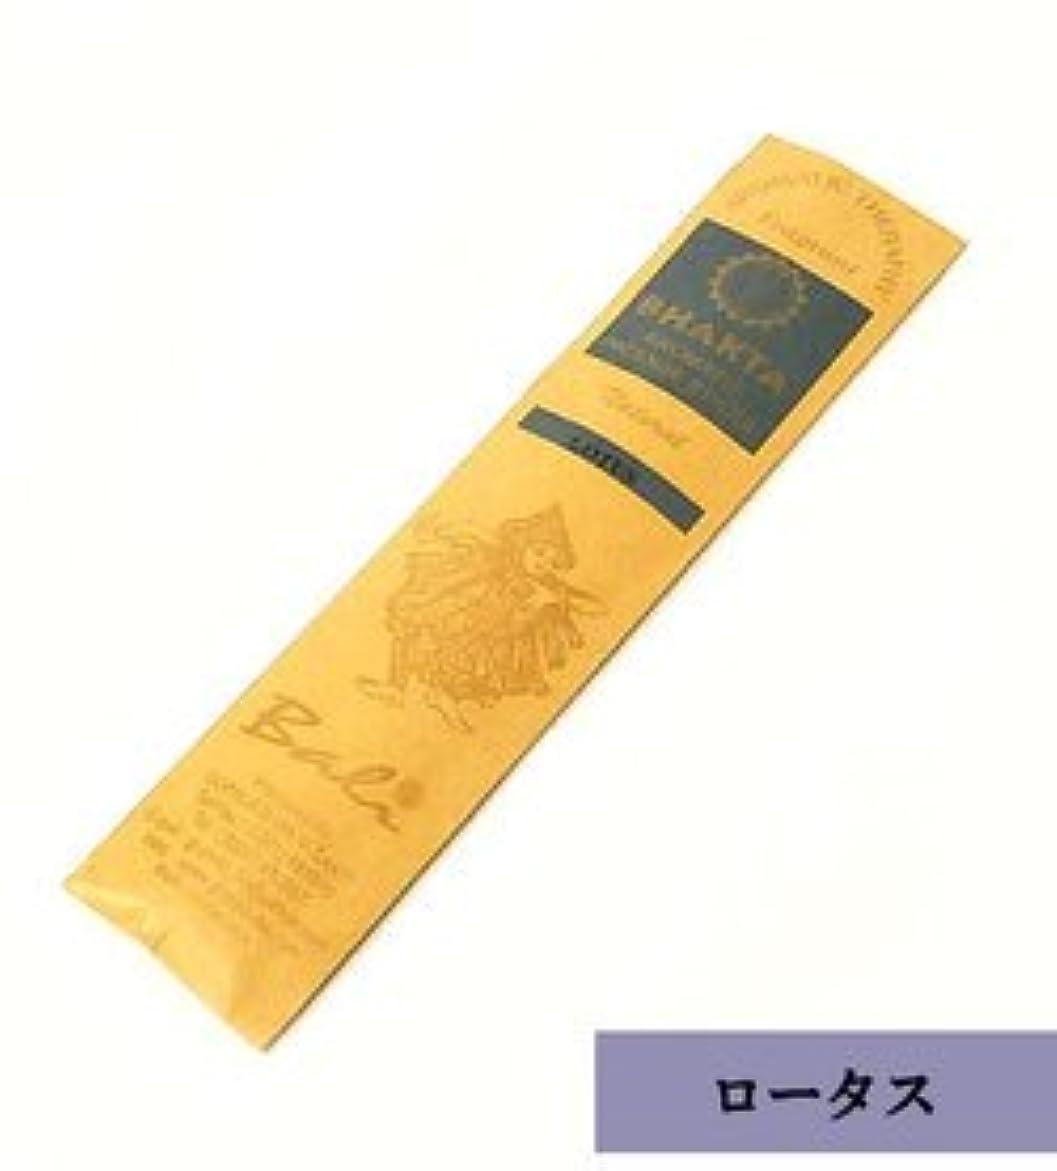 毎日きれいに分泌するバリのお香 BHAKTA 【ロータス】 LOTUS ロングスティック 20本入り アジアン雑貨